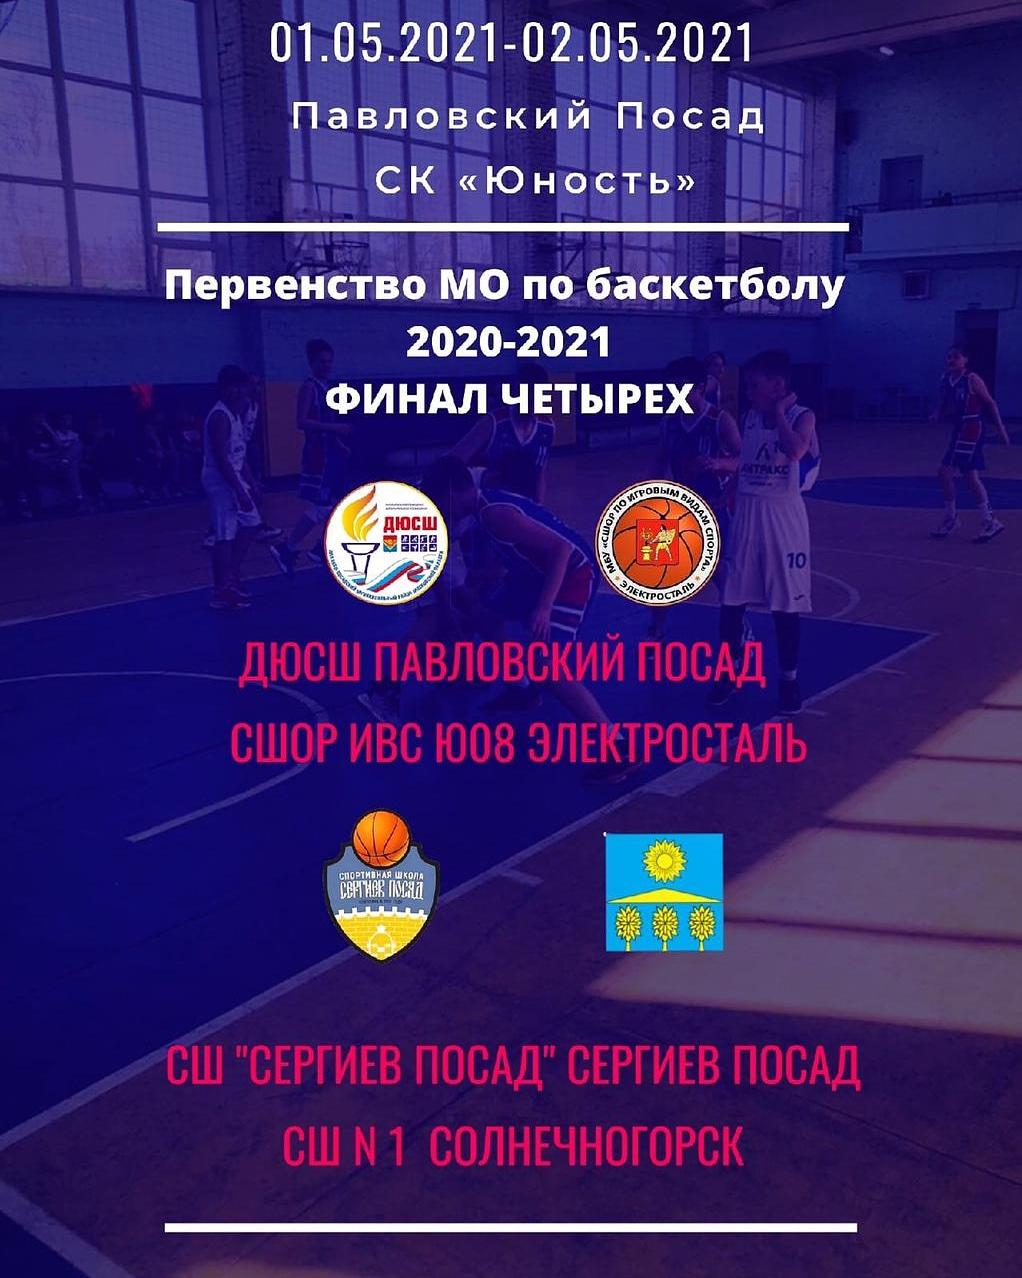 Финал четырёх Первенства Московской области по баскетболу 2008 г.р.